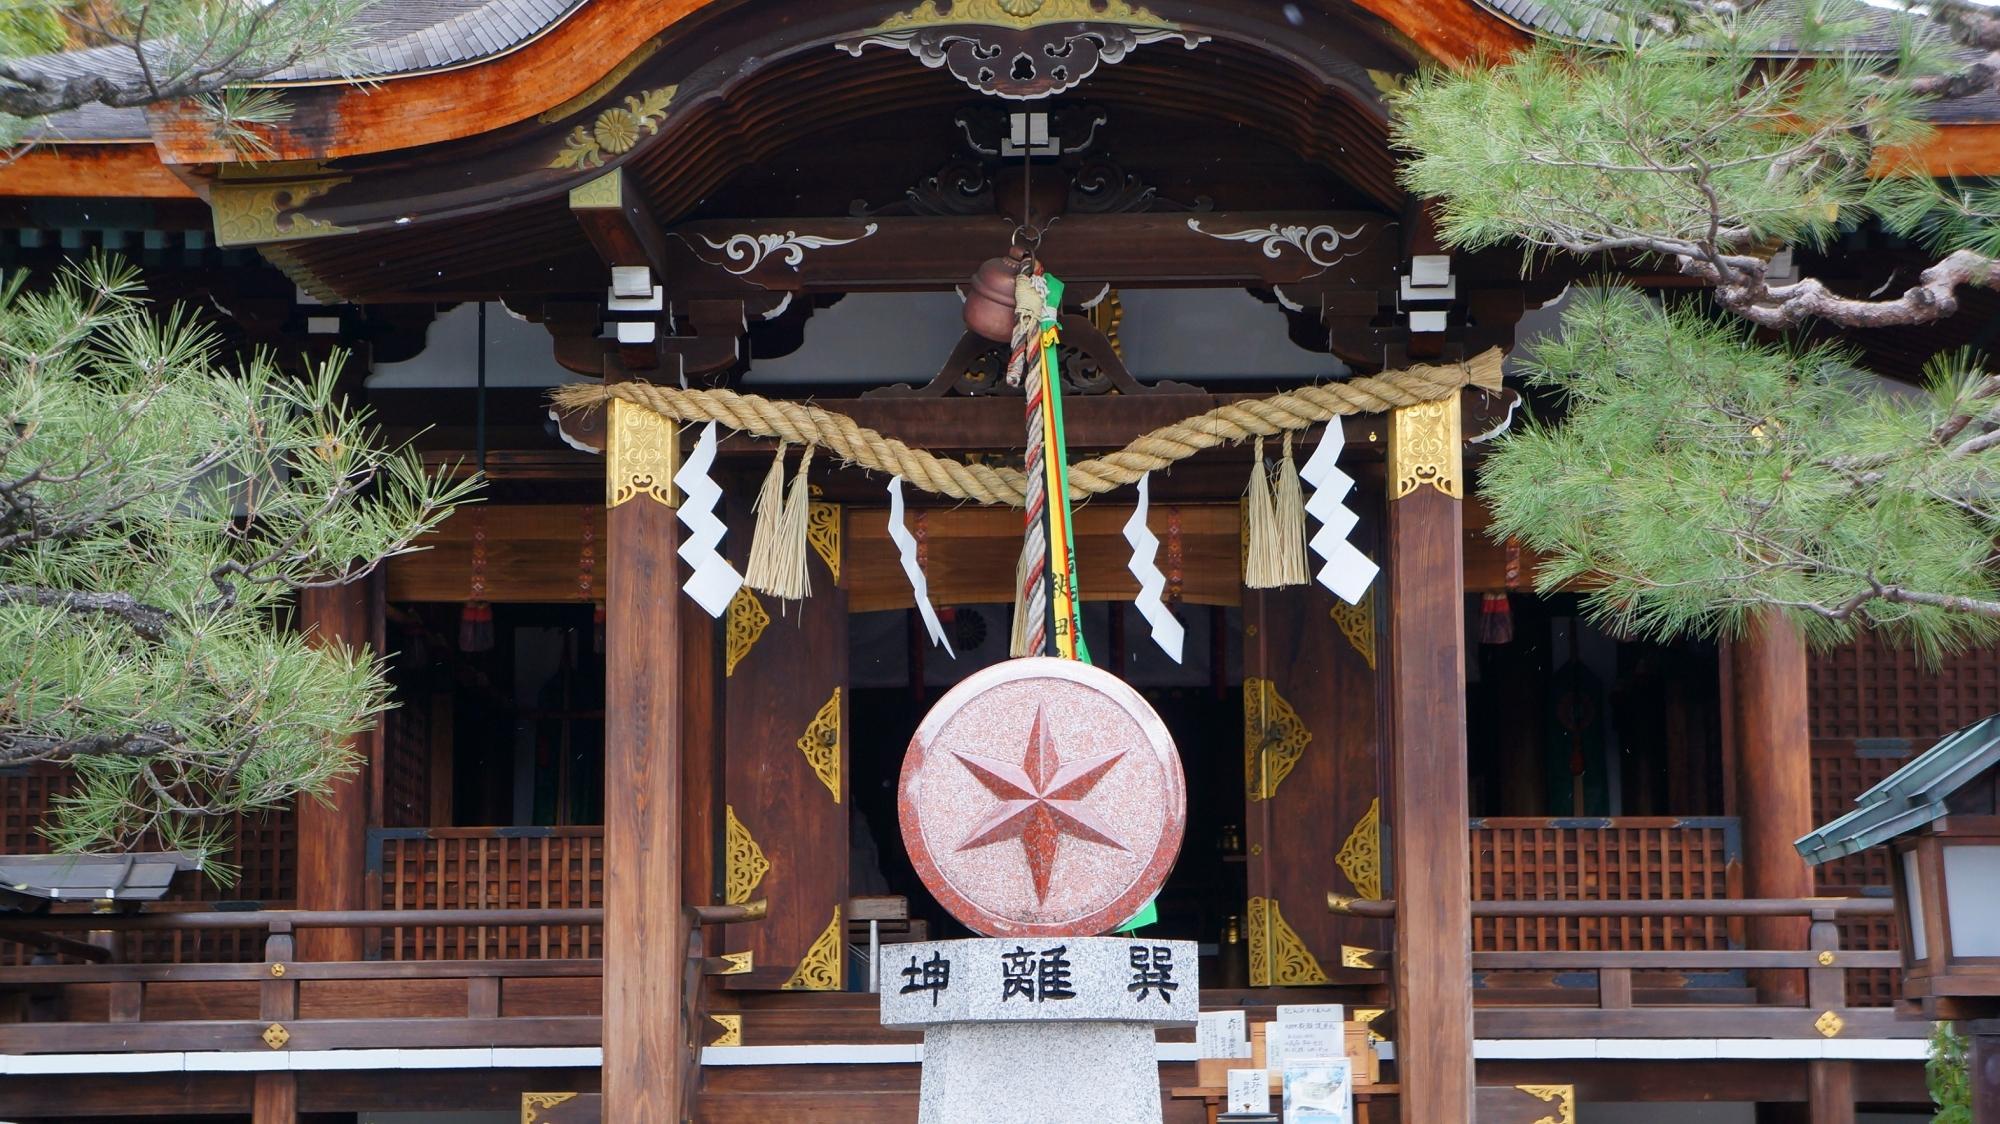 大将軍八神社の本殿と方位のモニュメント